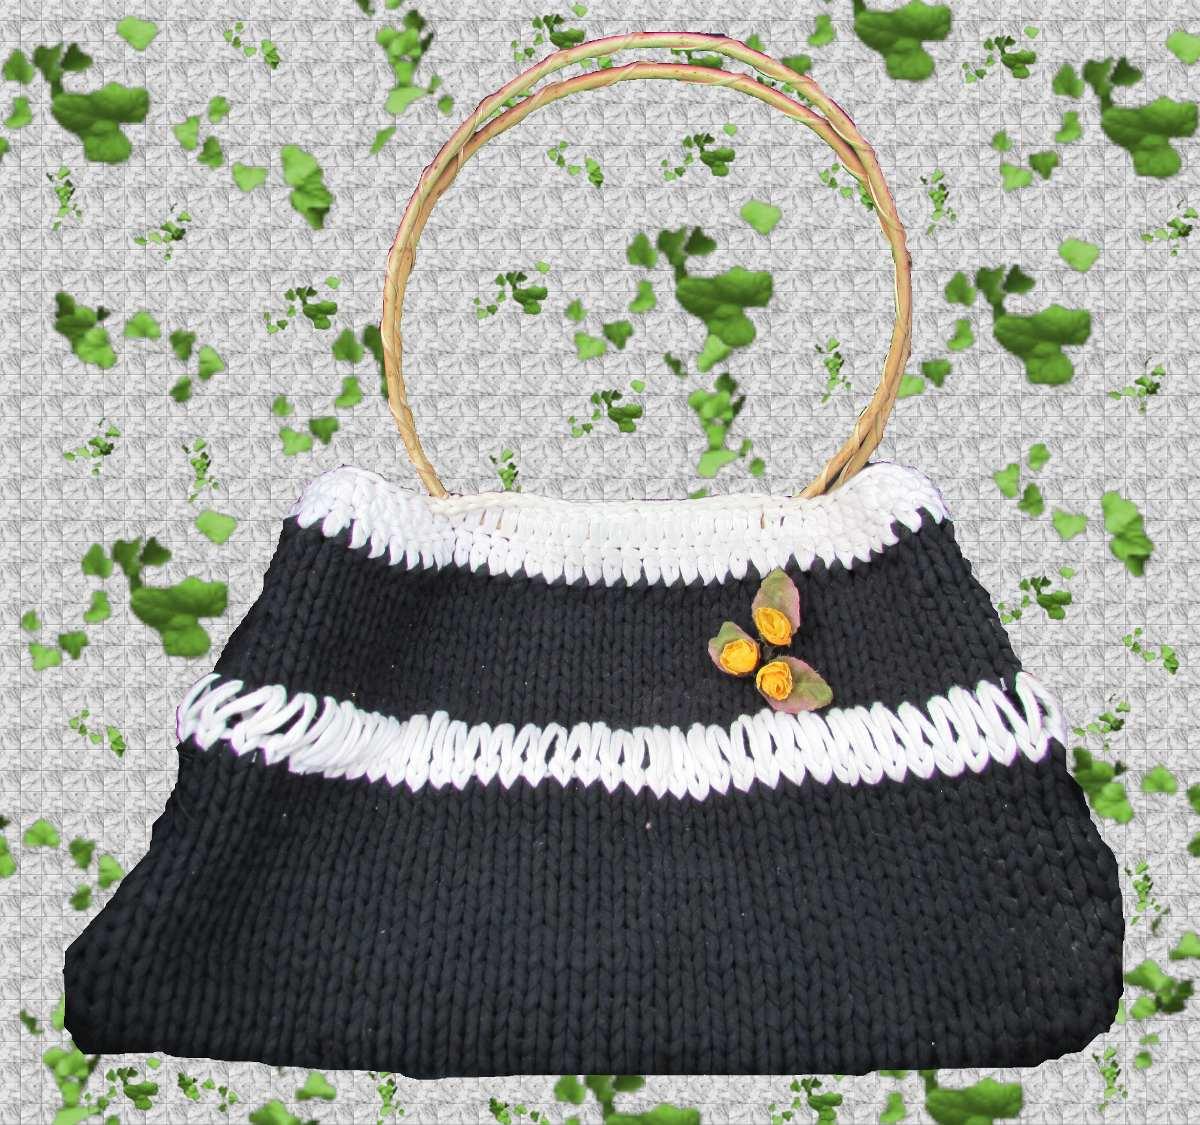 Cartera - Bolso Tejido Crochet Con Forro - $ 500,00 en Mercado Libre